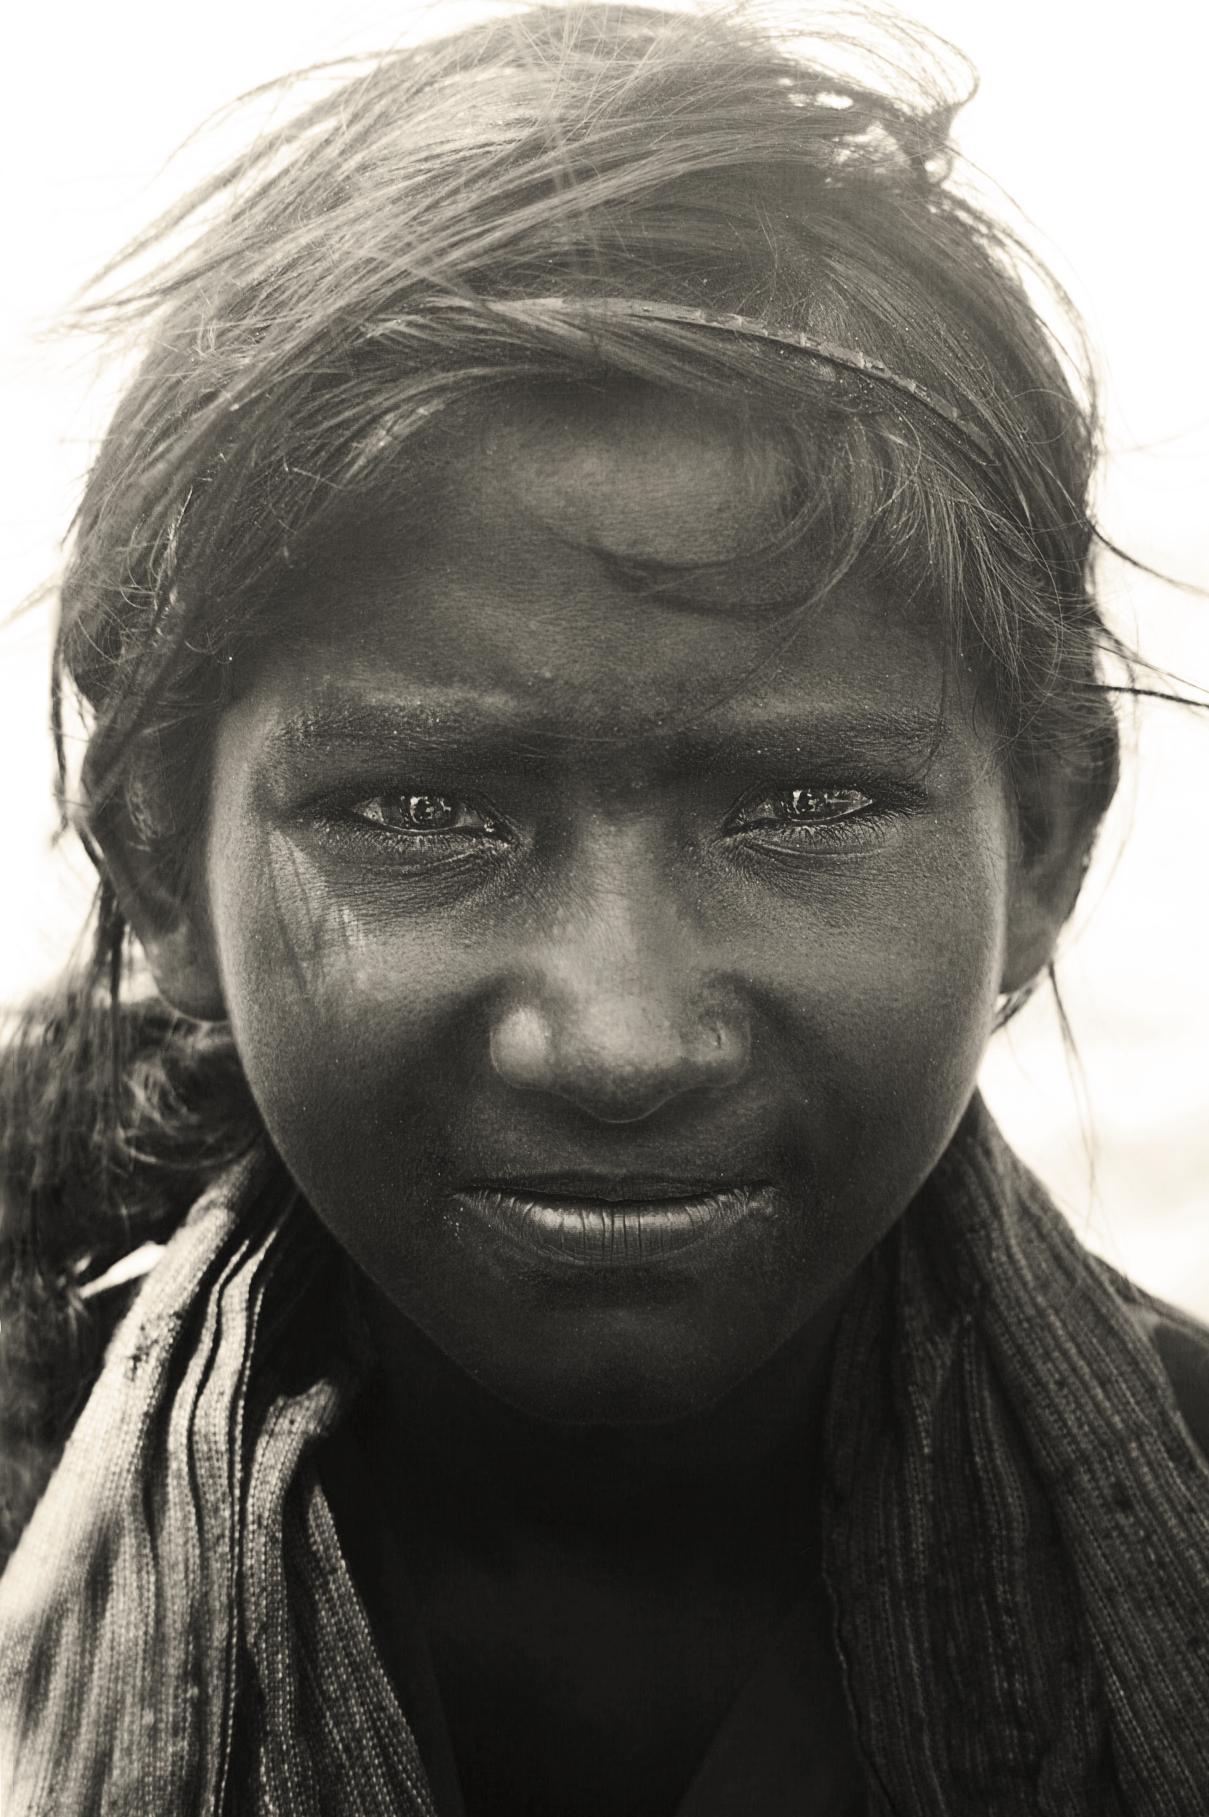 JAISALMER - INDIA